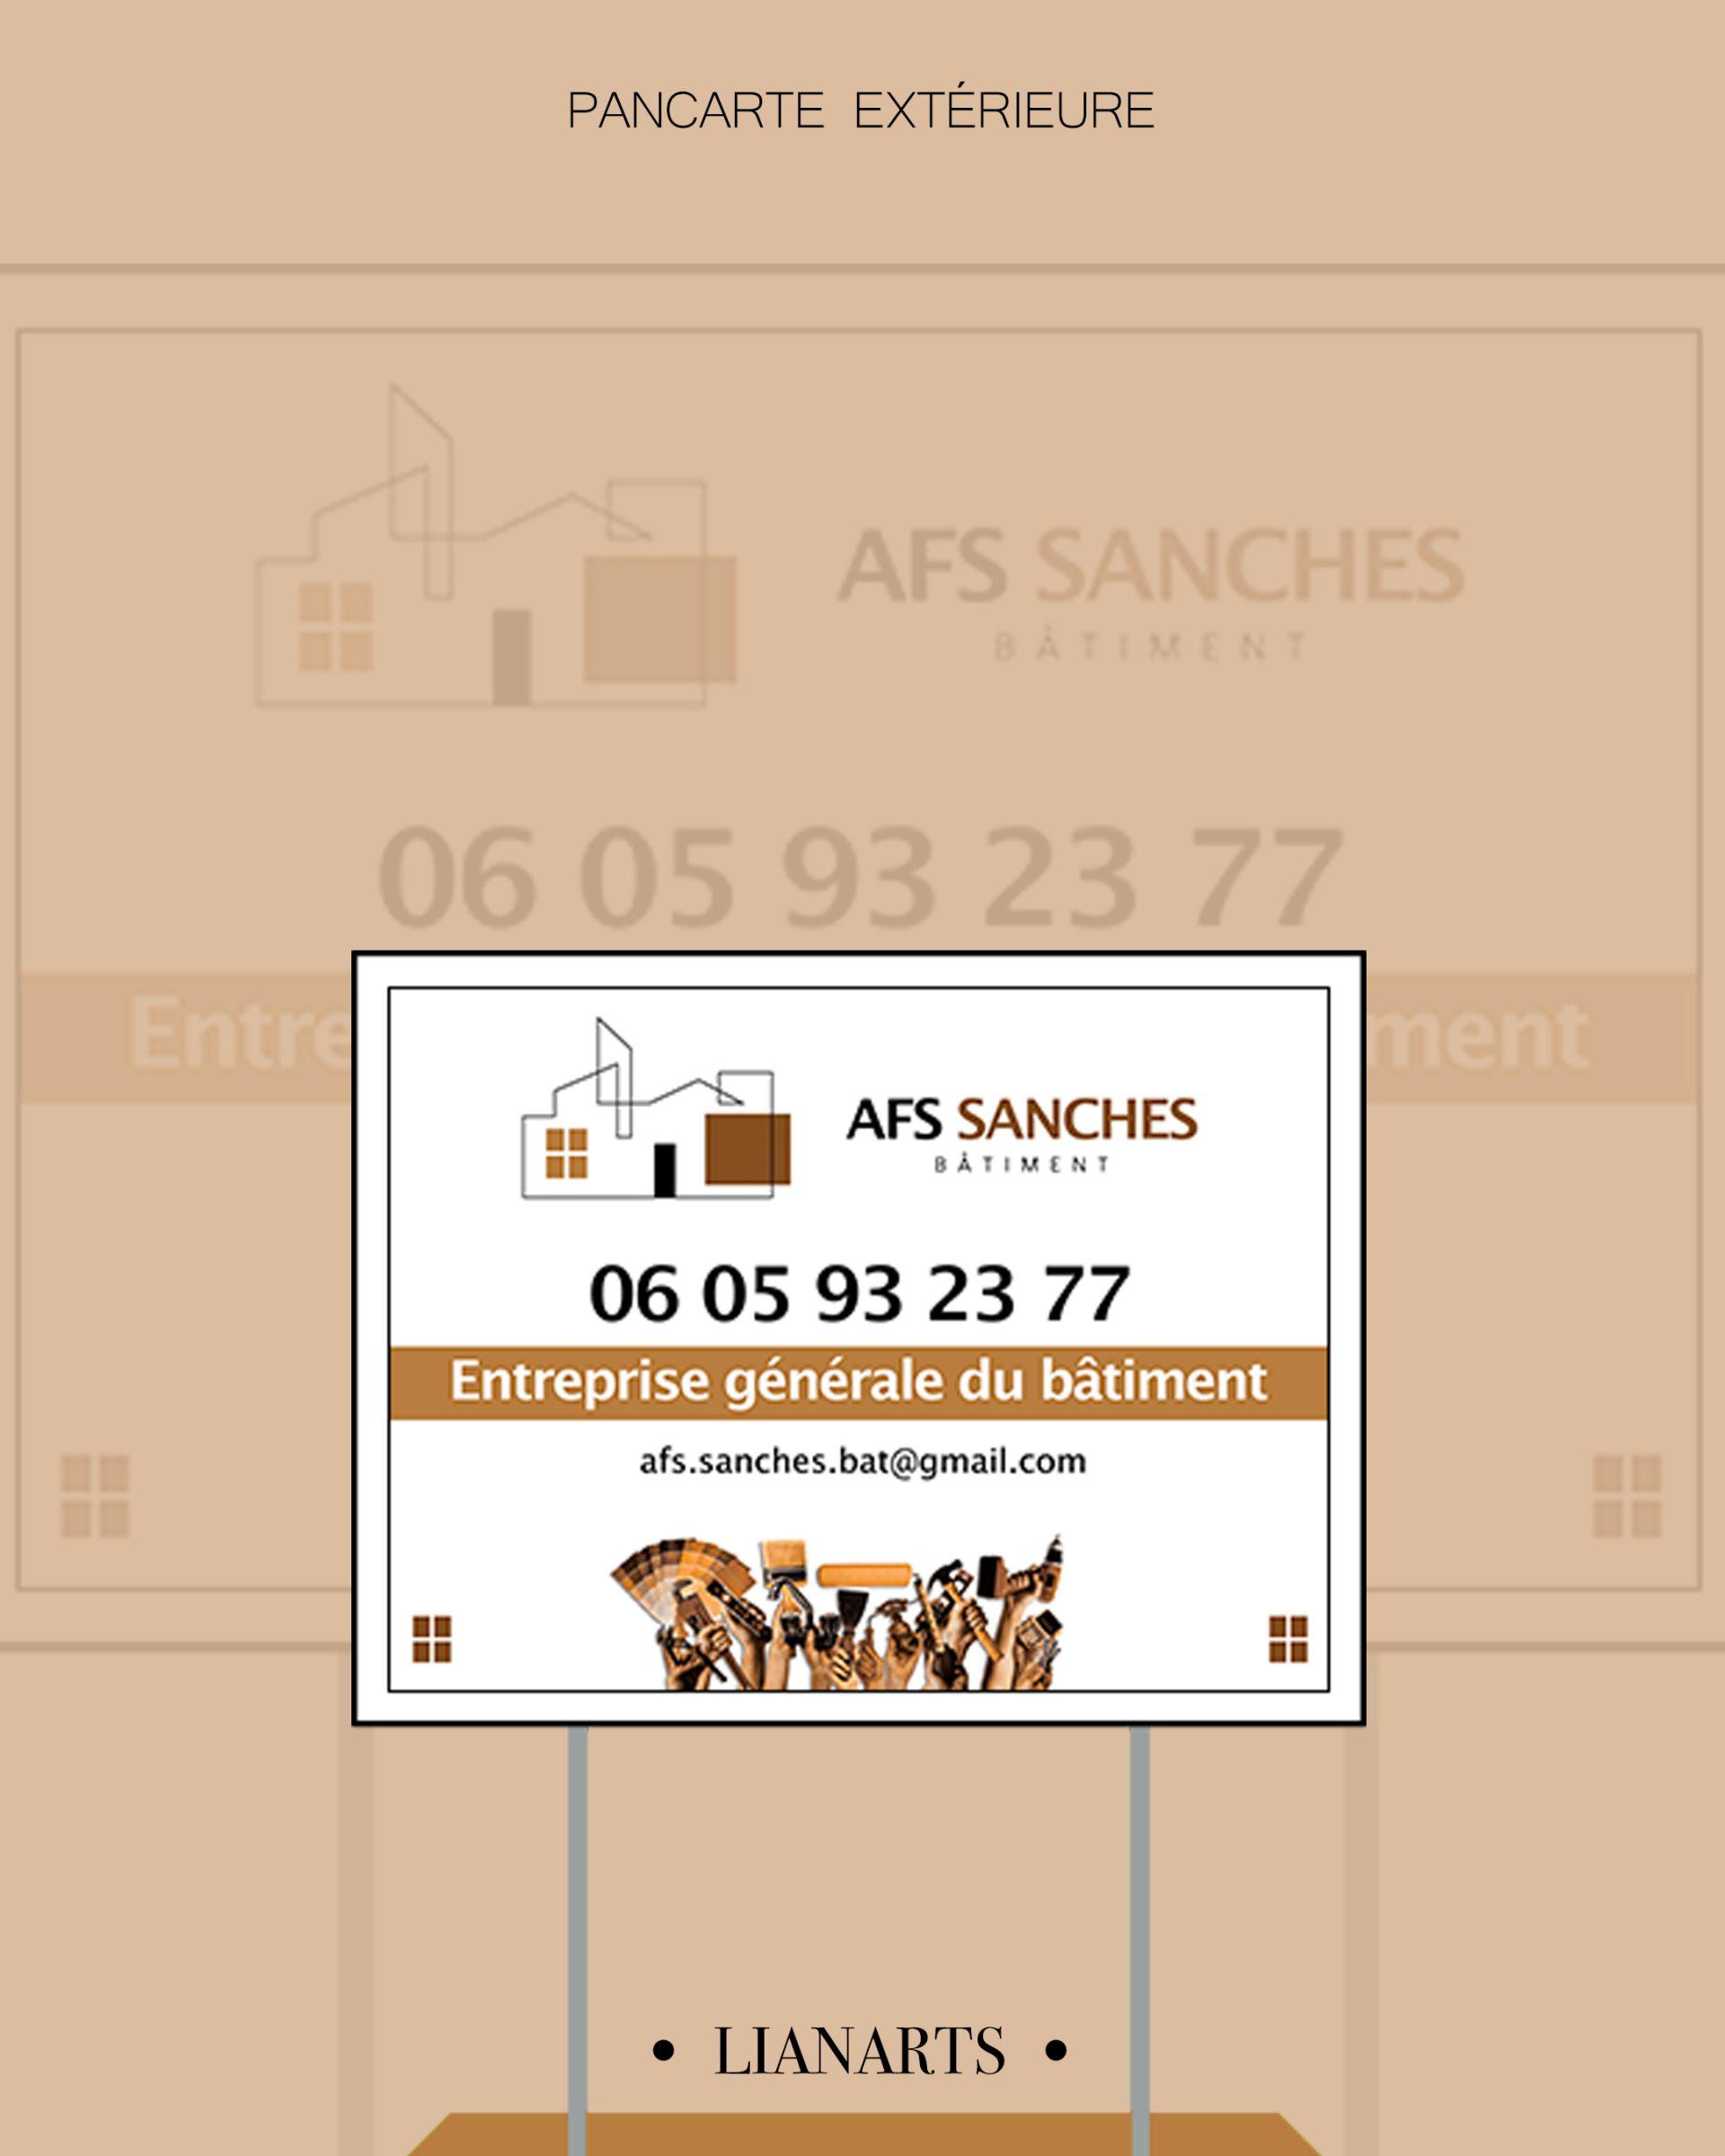 Projet - AFS SANCHES - Création LianArts